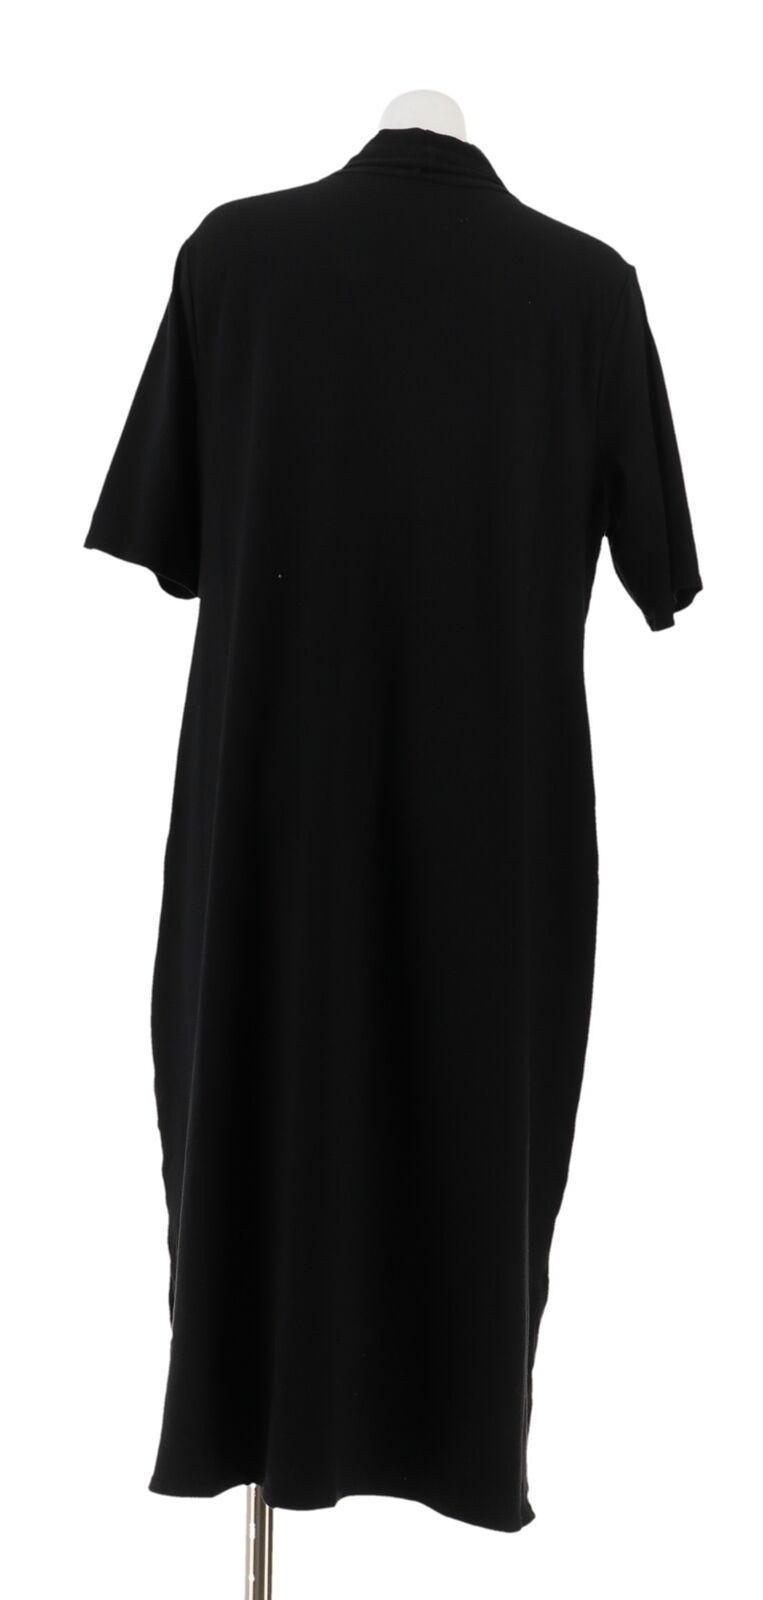 H Halston Essentials Turtleneck Midi Dress Black L NEW A311545